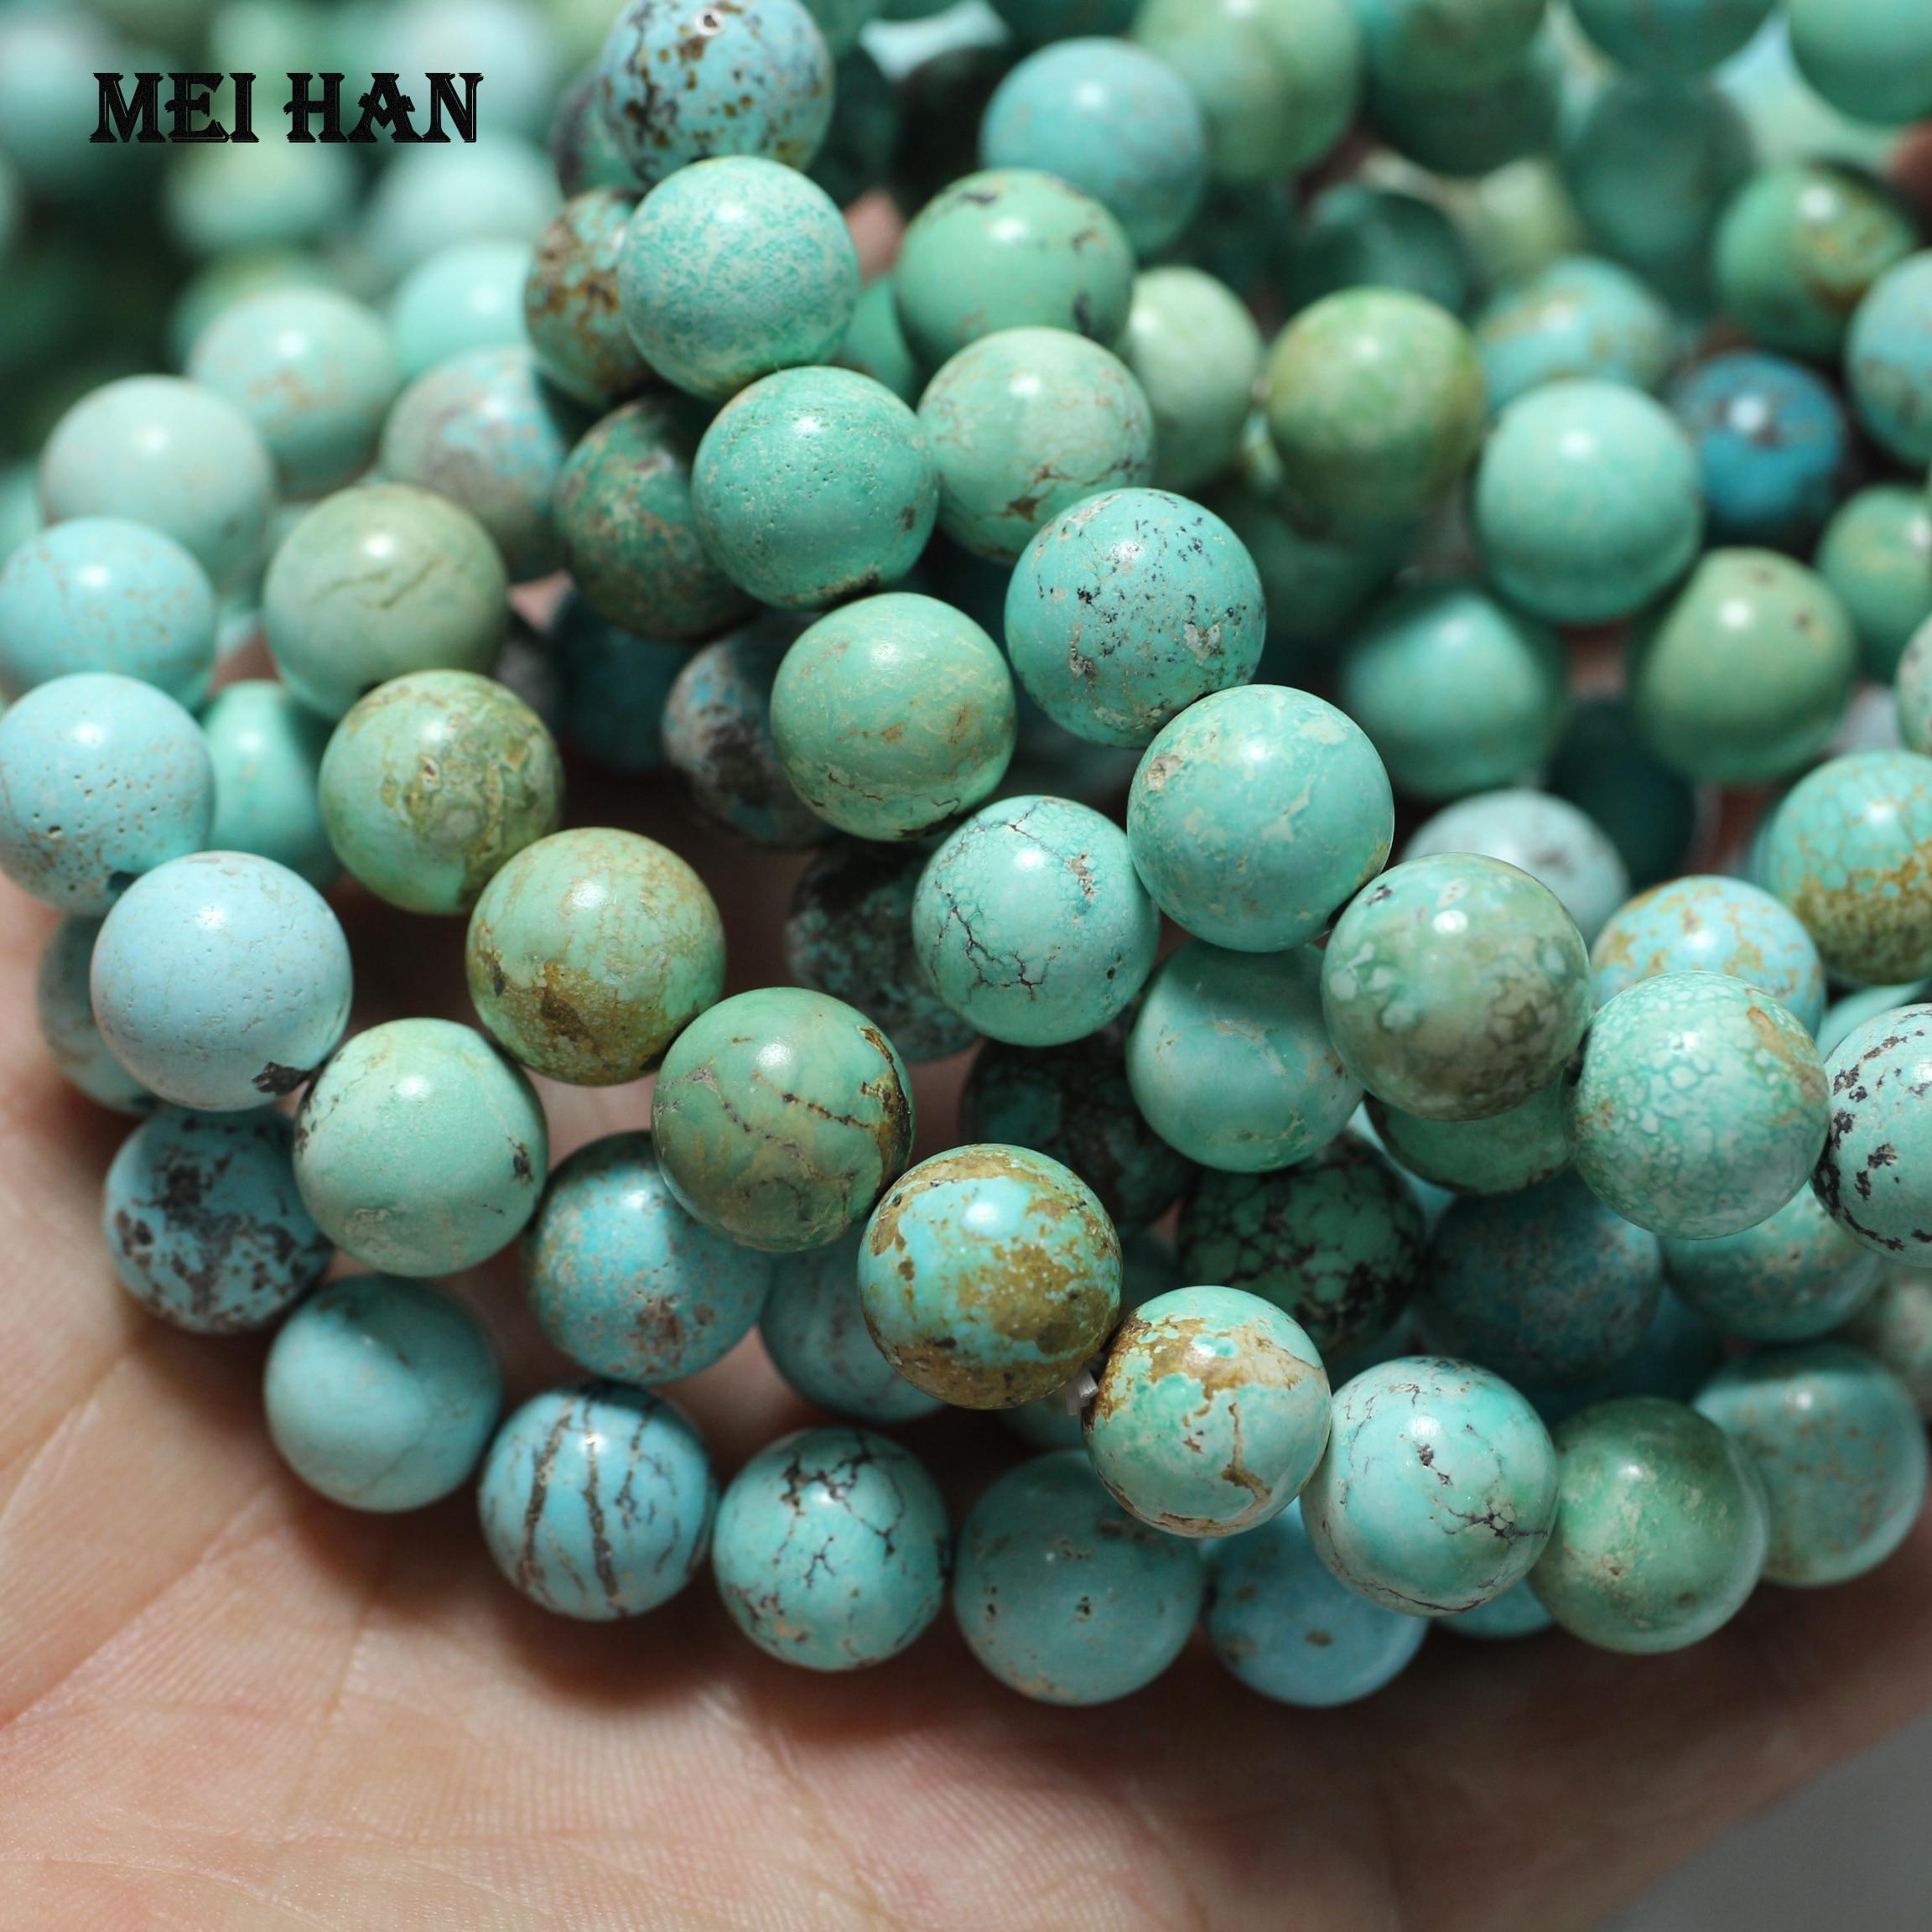 Wholesale 10 10 5mm 18 beads 24g set rare amazing Natural Hubei untreated ore biriuza beads